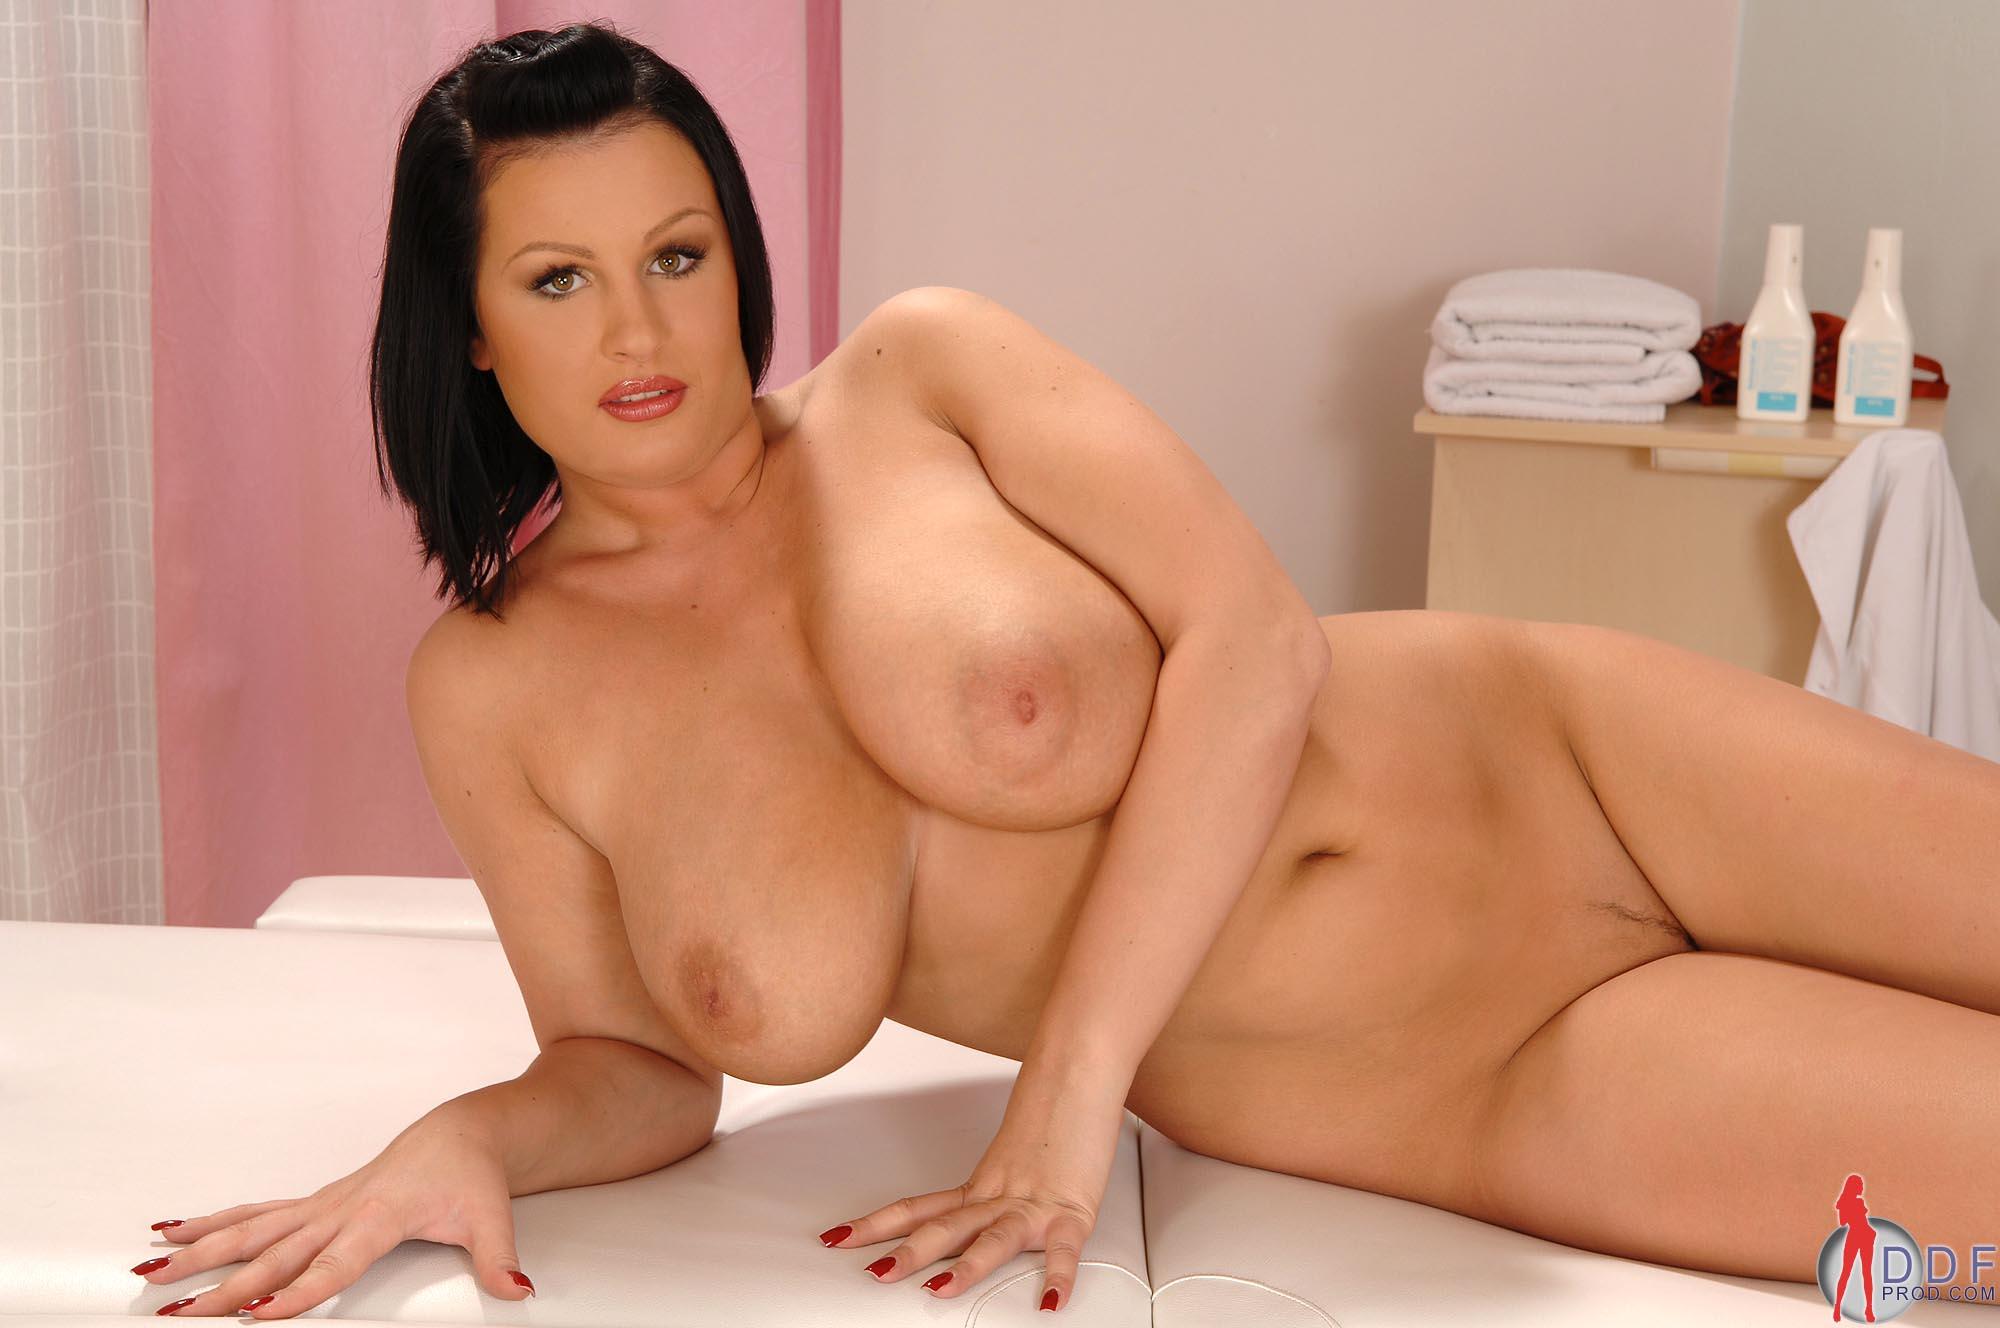 elizabeth masucci nude